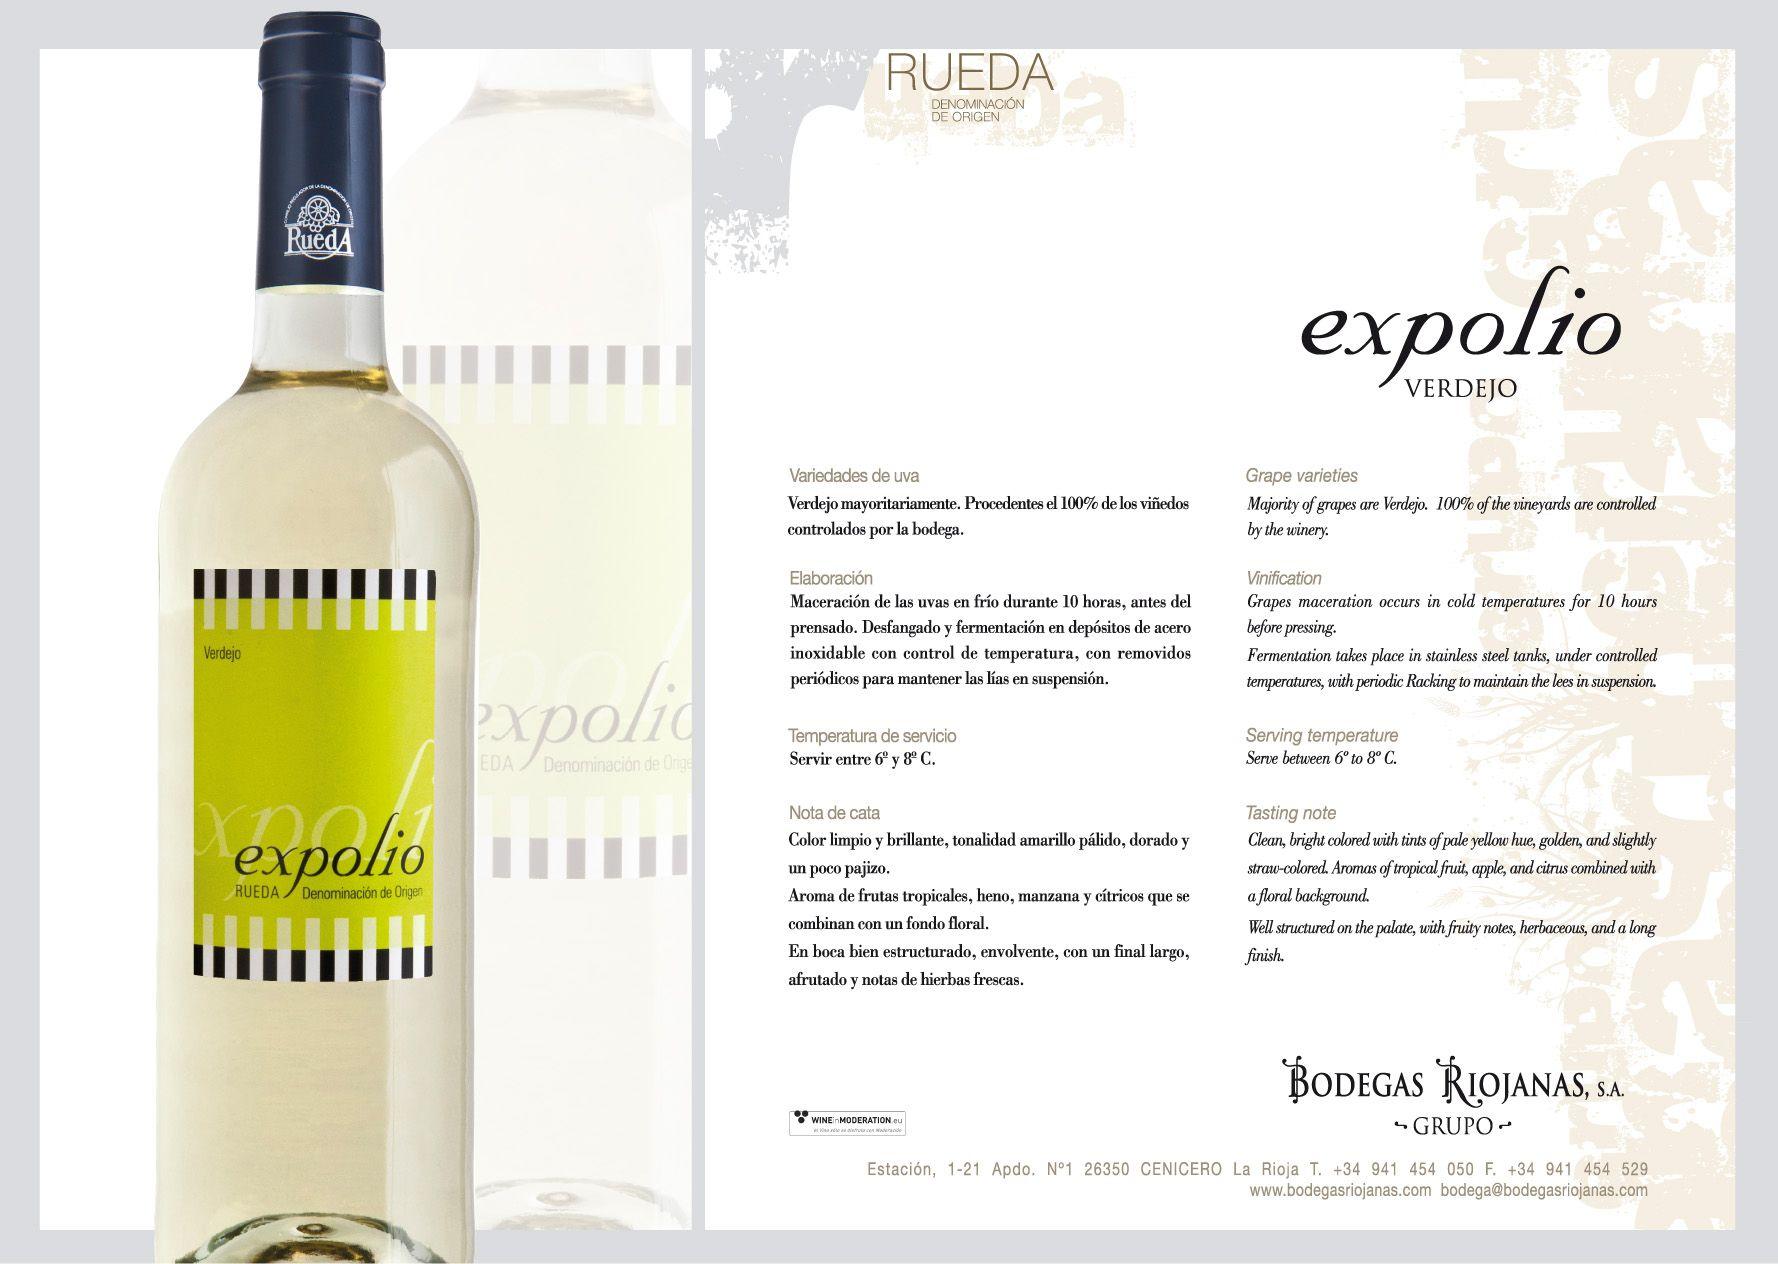 #Expolio #Rueda. #wine